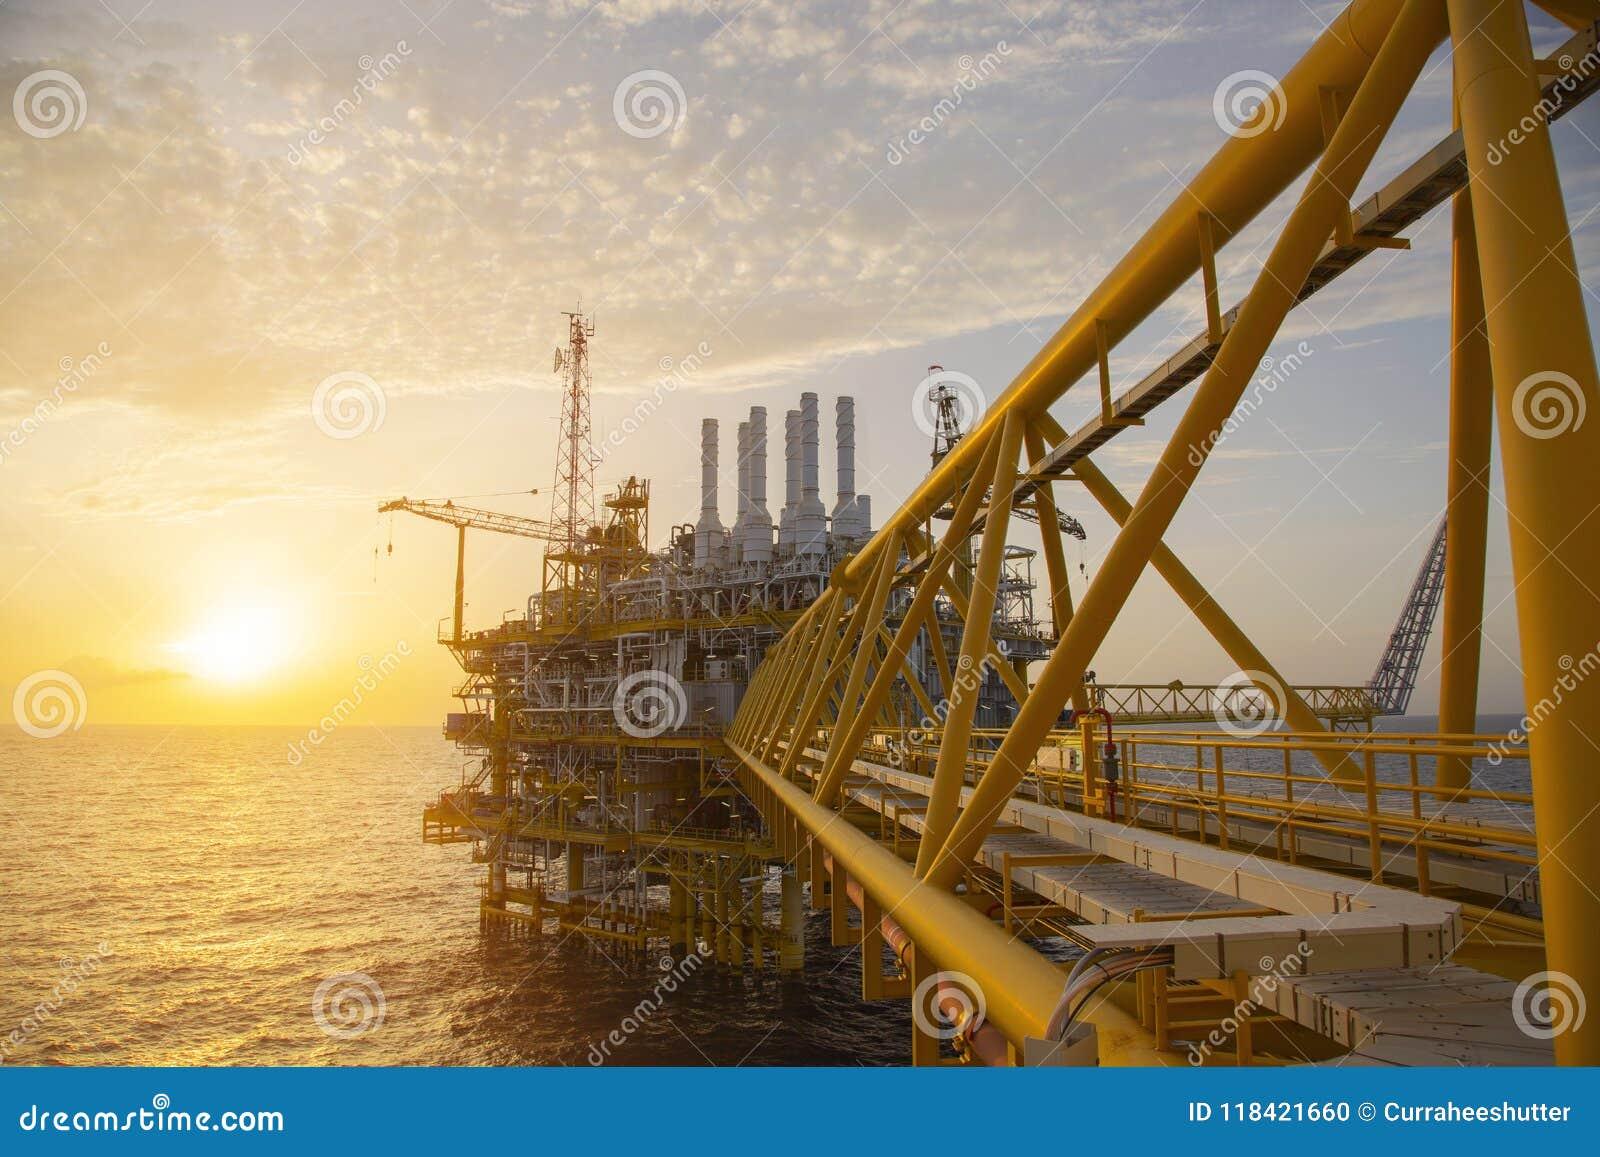 Zeebouwplatform voor productieolie en gas Olie en gas de industrie en het harde werk Productieplatform en verrichting